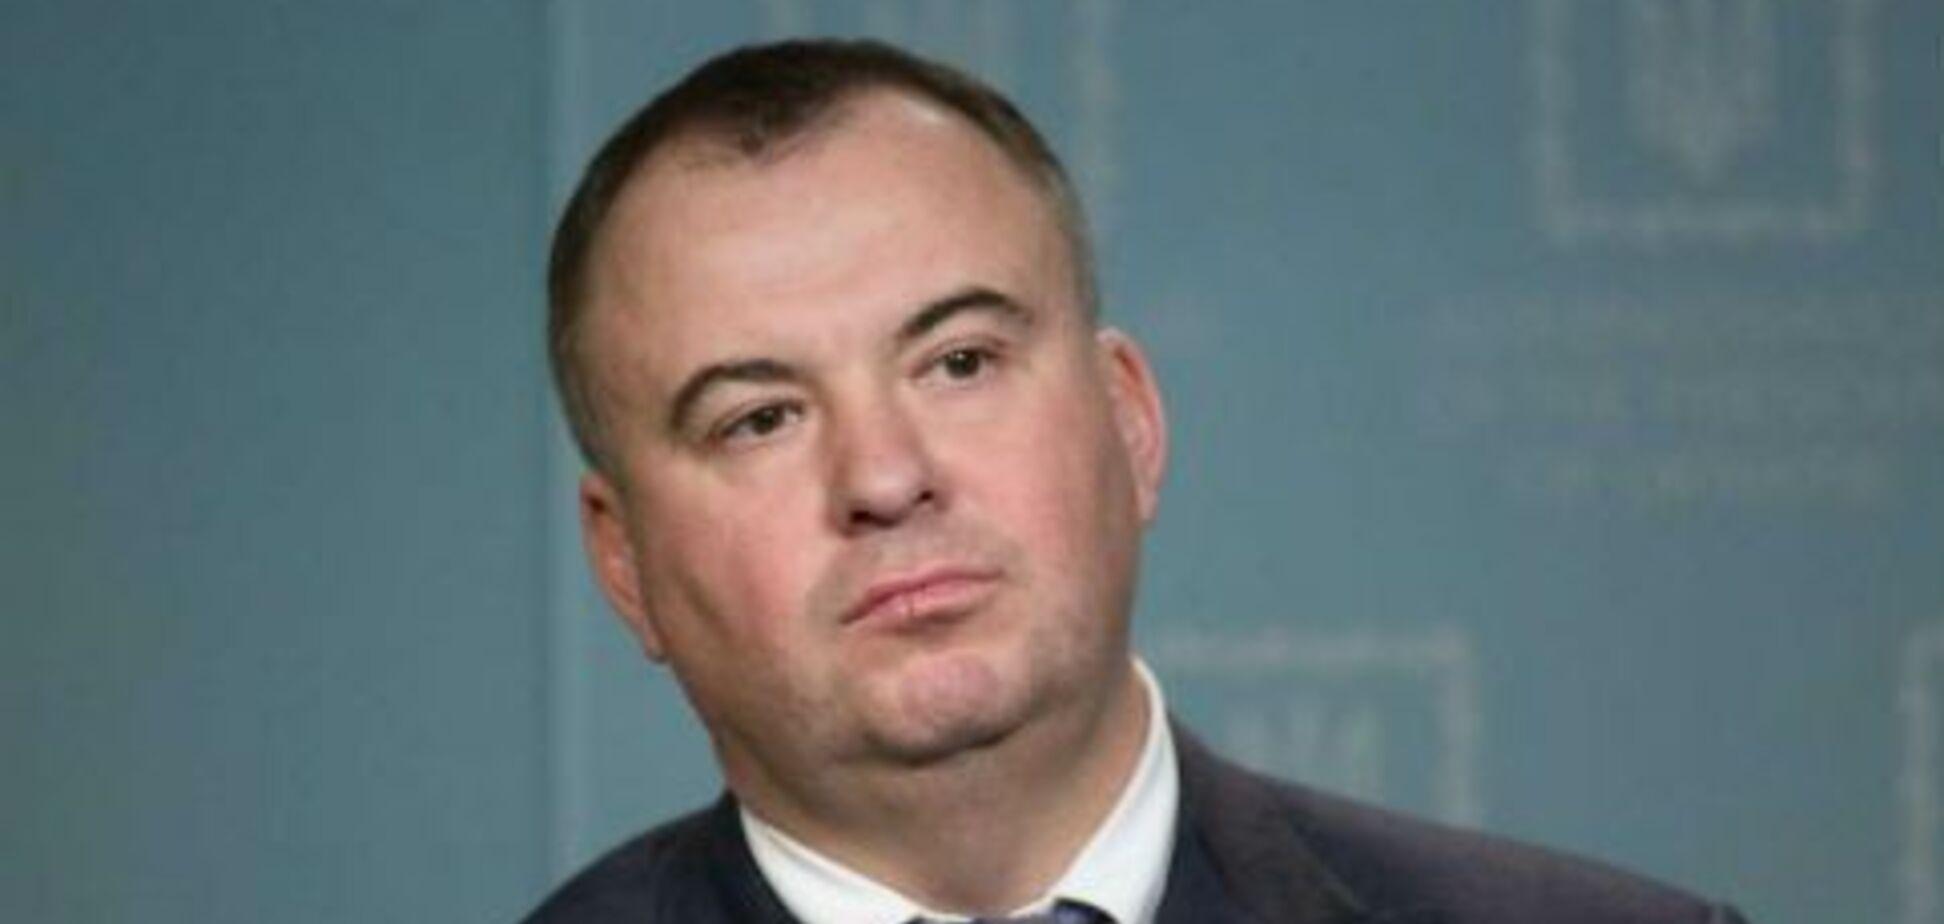 'До 6 лет тюрьмы': Гладковского уличили в коррупционных схемах на $6 млн